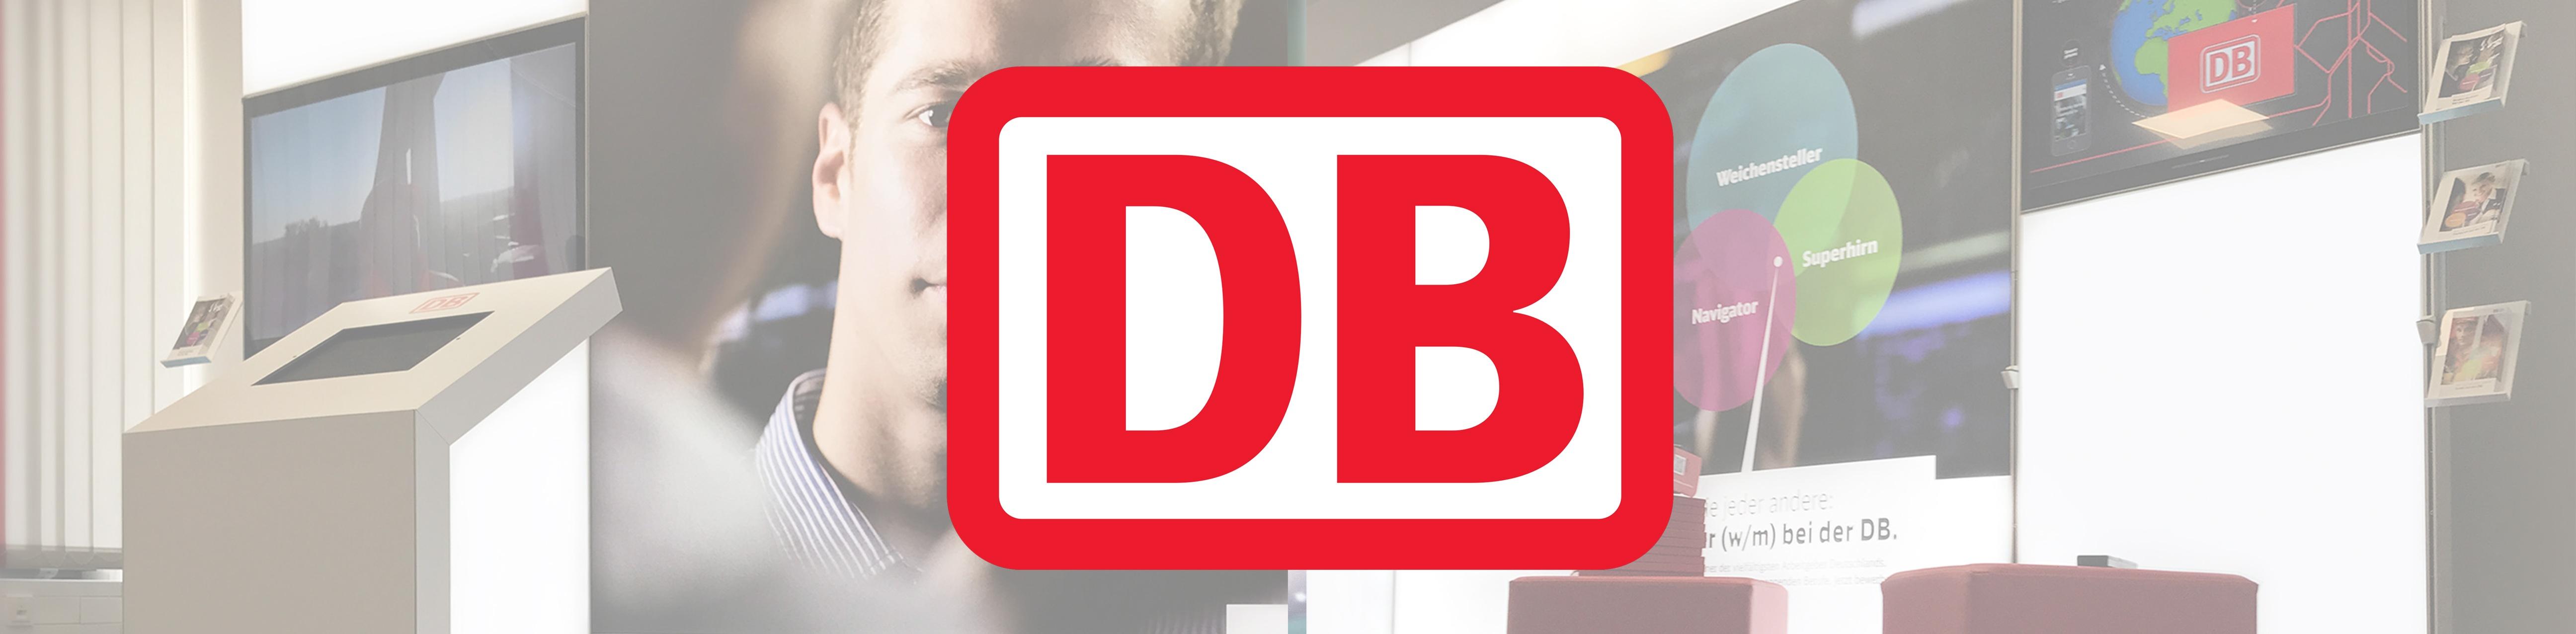 Case Study Deutsche Bahn Header